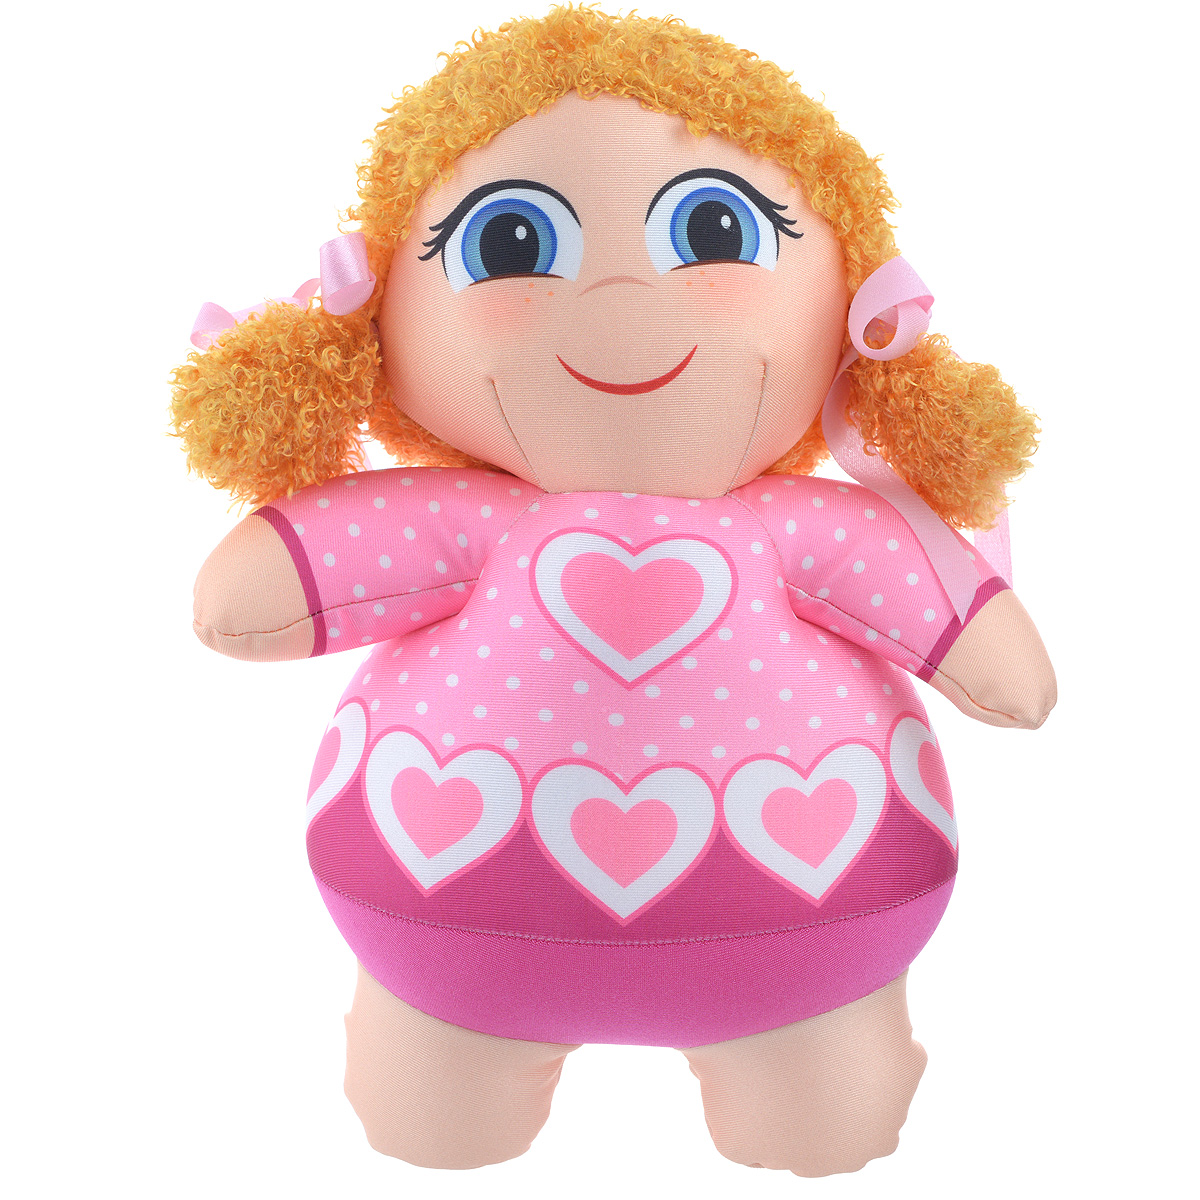 Игрушка-антистресс СмолТойс Кукла Анюта, 30 см антистрессовые игрушки в уфе